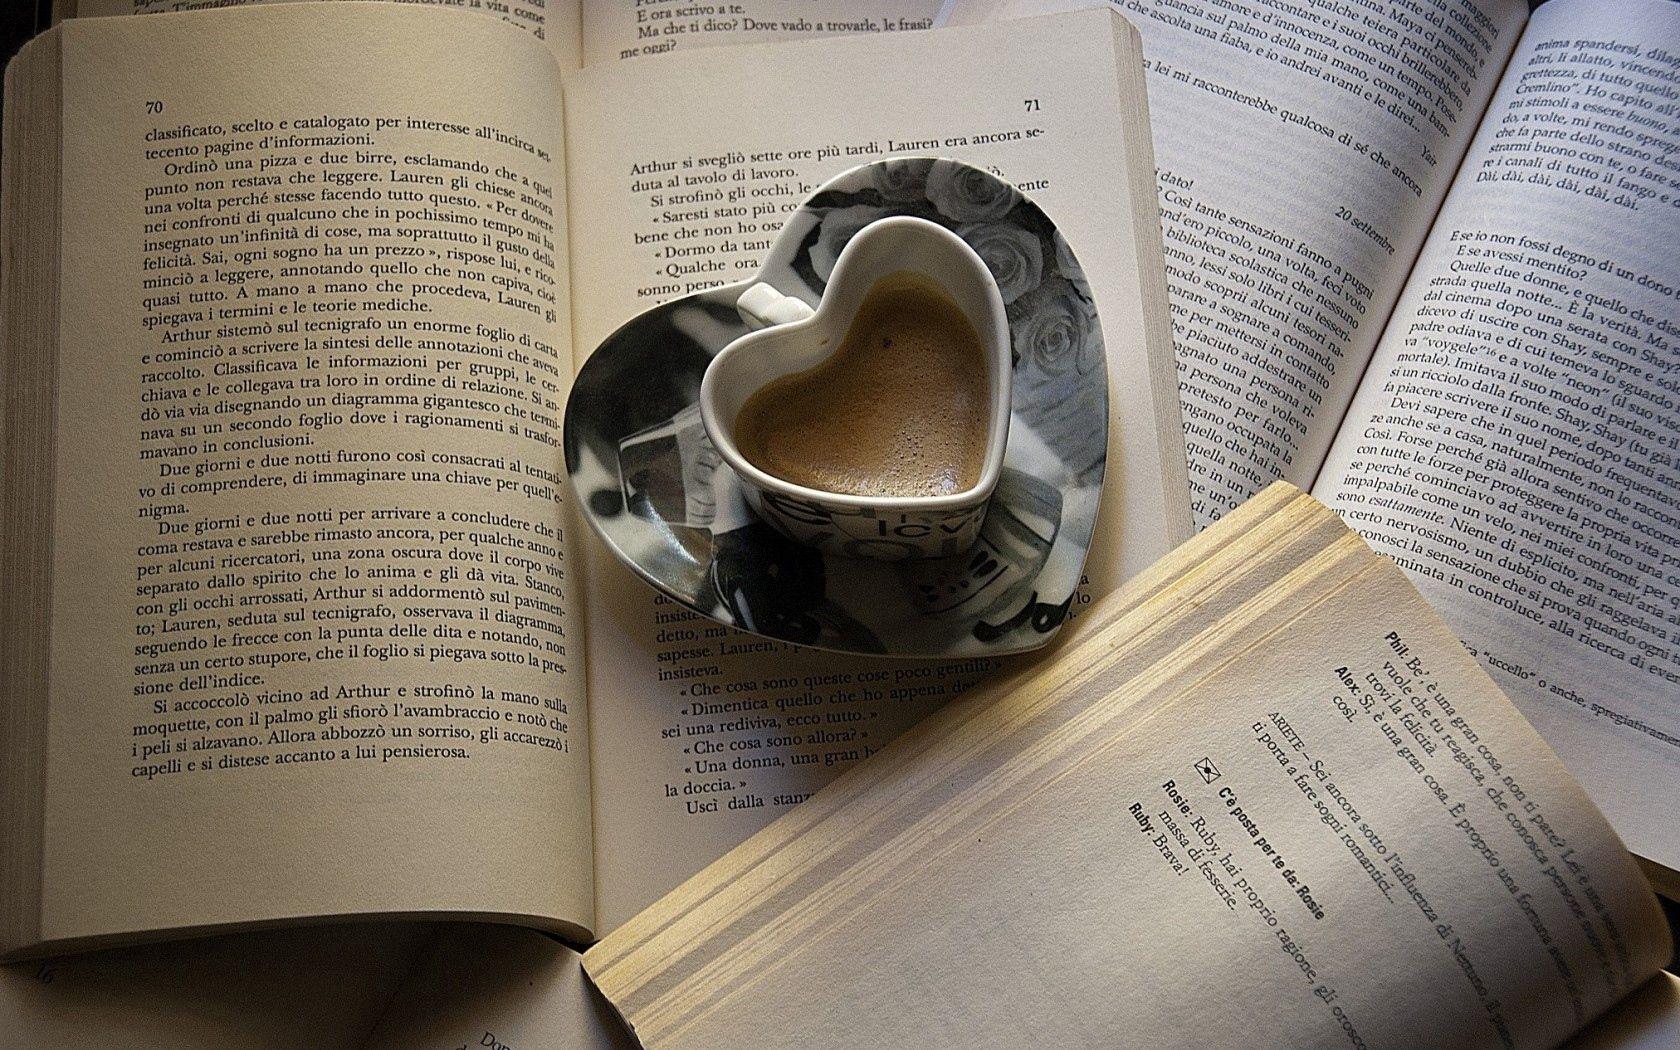 54411 Hintergrundbild herunterladen Lebensmittel, Herzen, Bücher, Coffee, Tasse, Ein Herz, Becher, Seiten, Seite - Bildschirmschoner und Bilder kostenlos